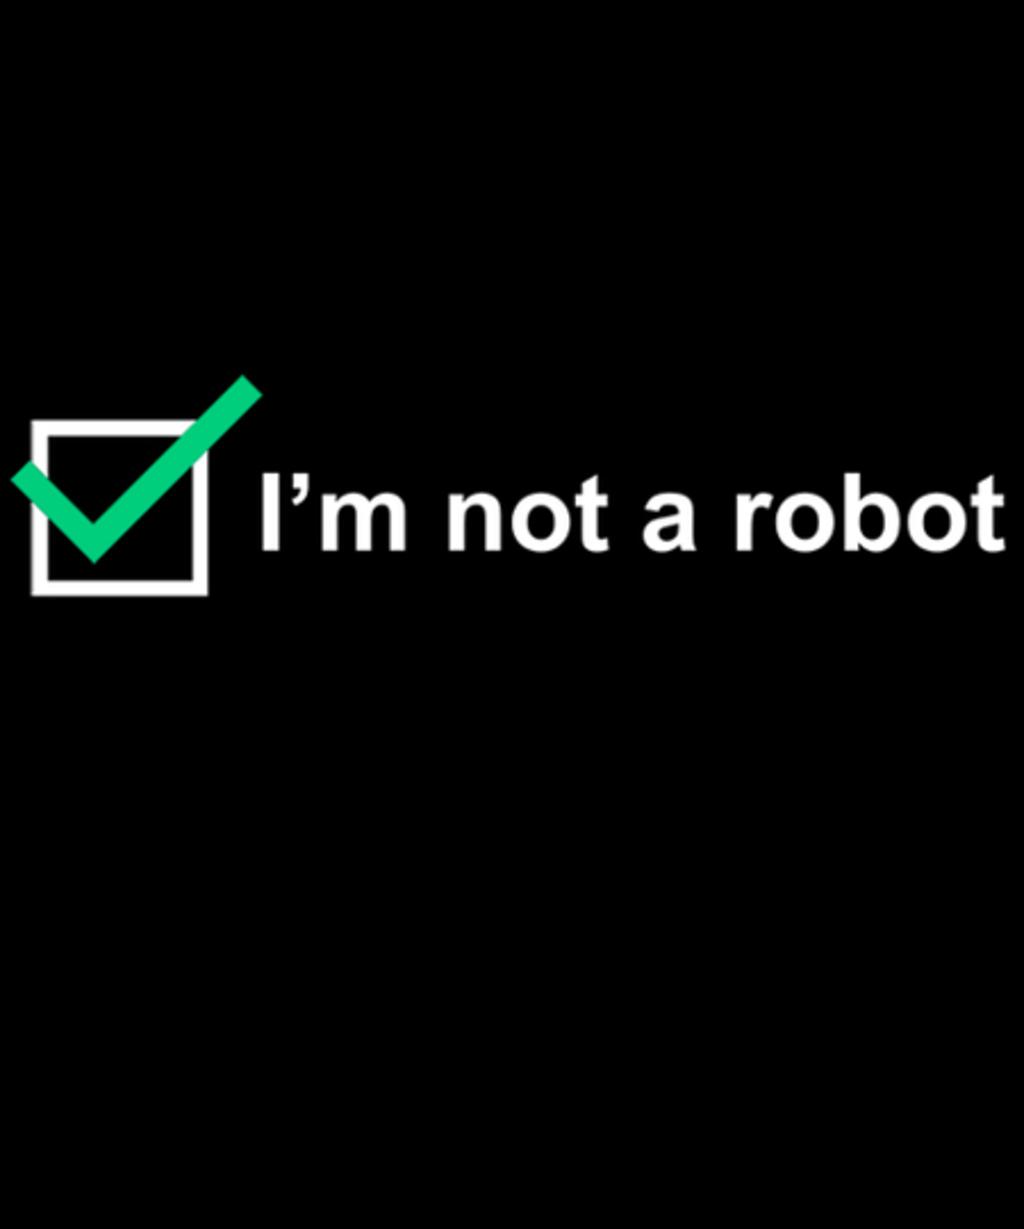 Qwertee: I'm not a robot